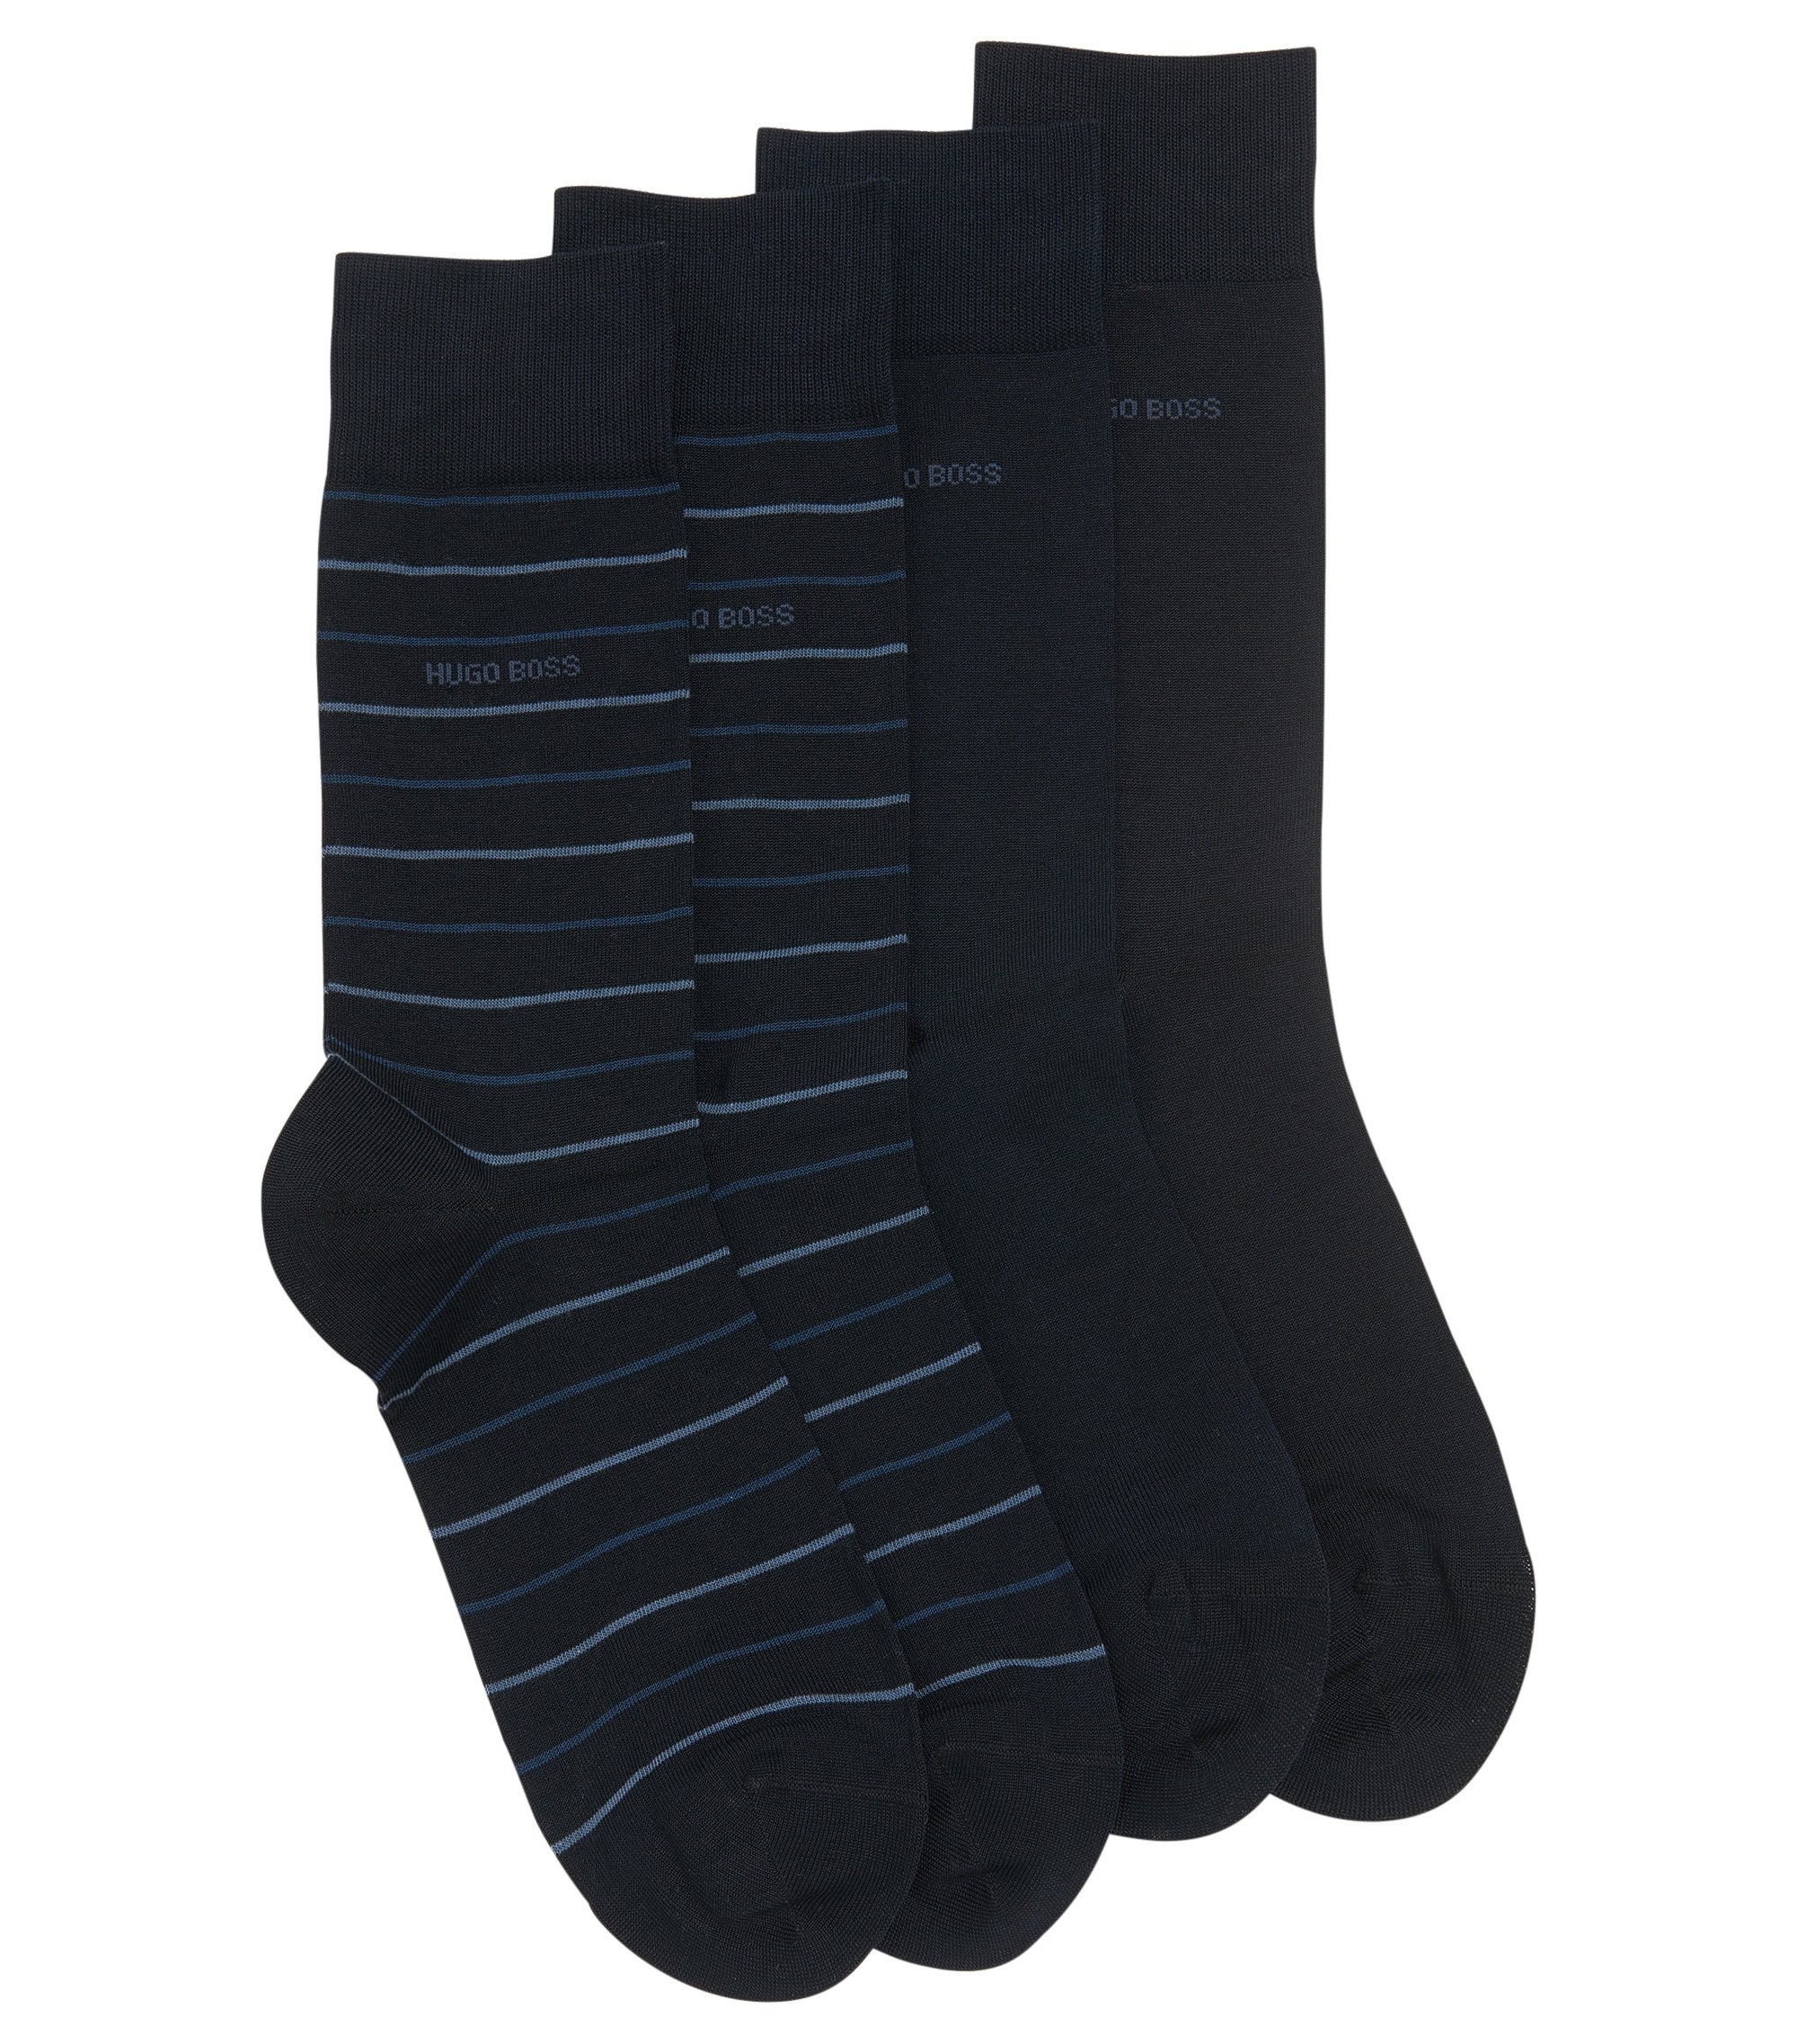 Zweier-Pack Socken aus elastischem Baumwoll-Mix mit normaler Länge, Dunkelblau